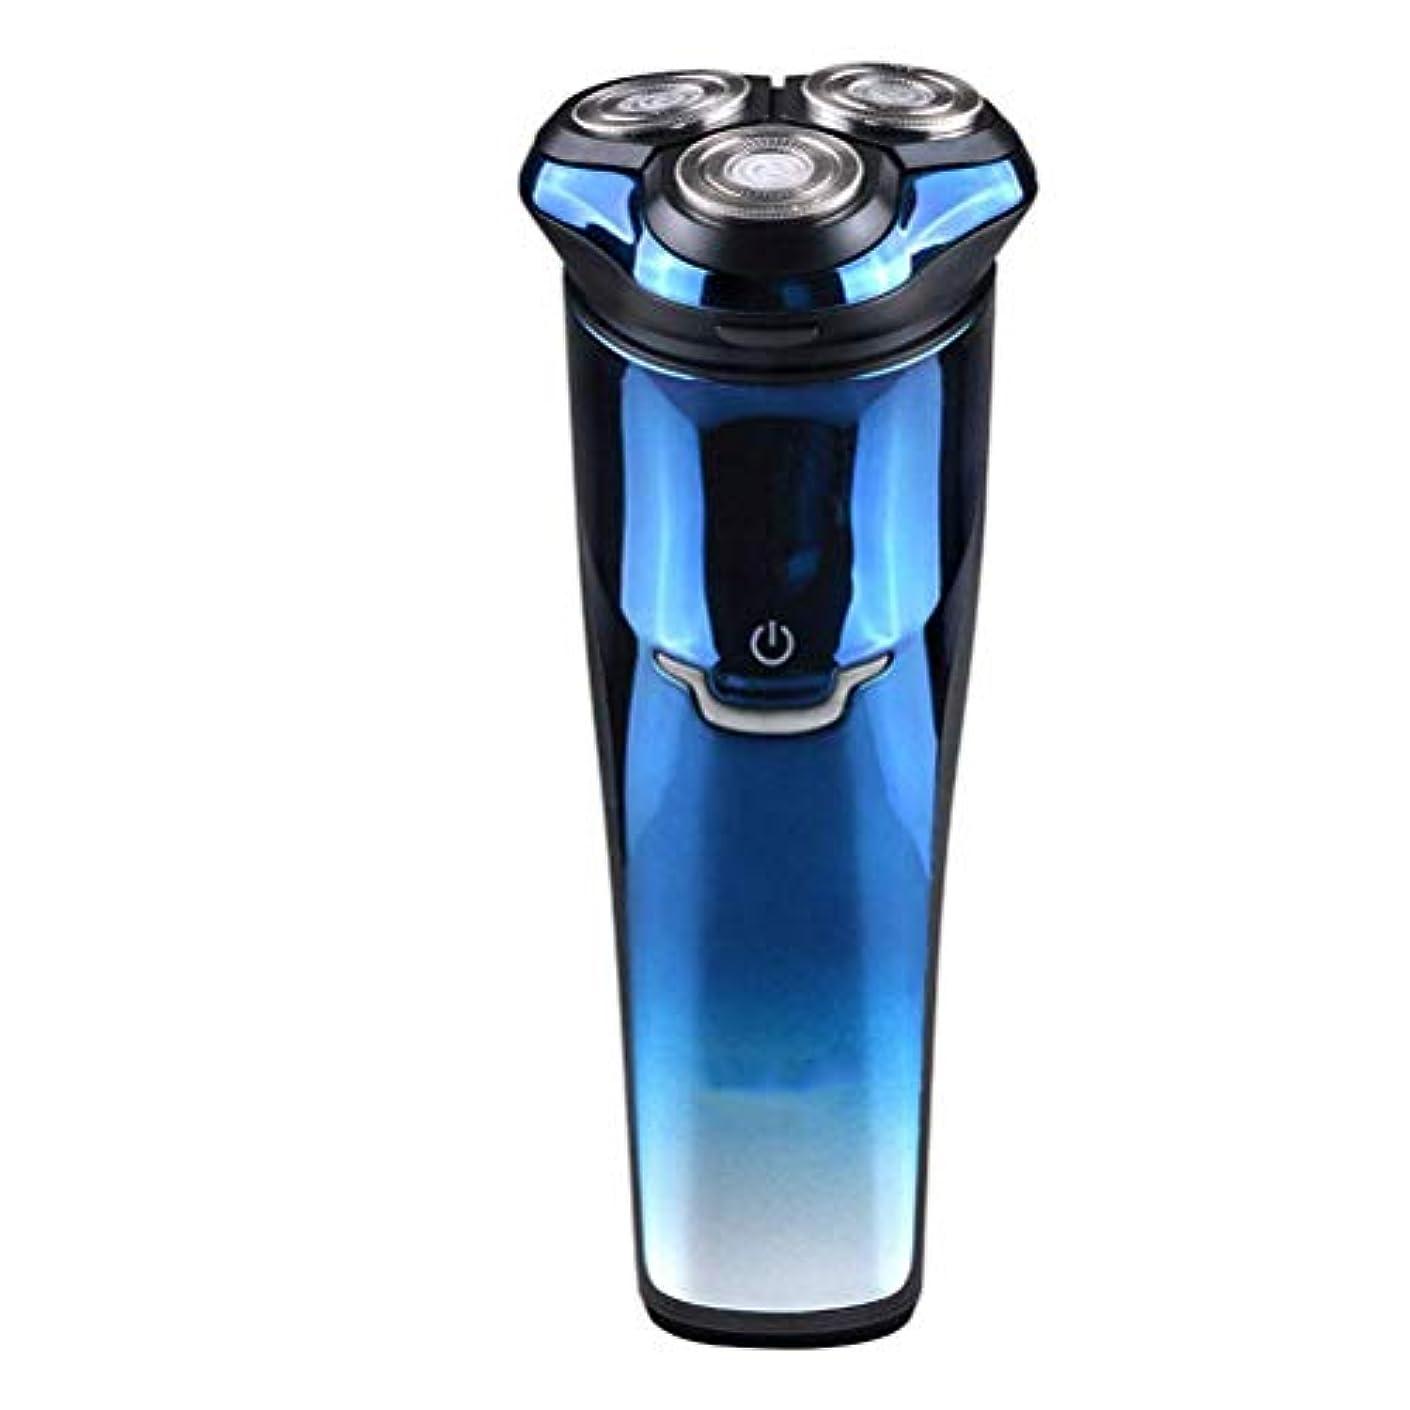 カフェメンタル尋ねるポップアップトリマー、男性用充電式かみそり、防水コードレストリマー、インテリジェント両面フローティングを備えたウェット&ドライメンズ電気シェーバー